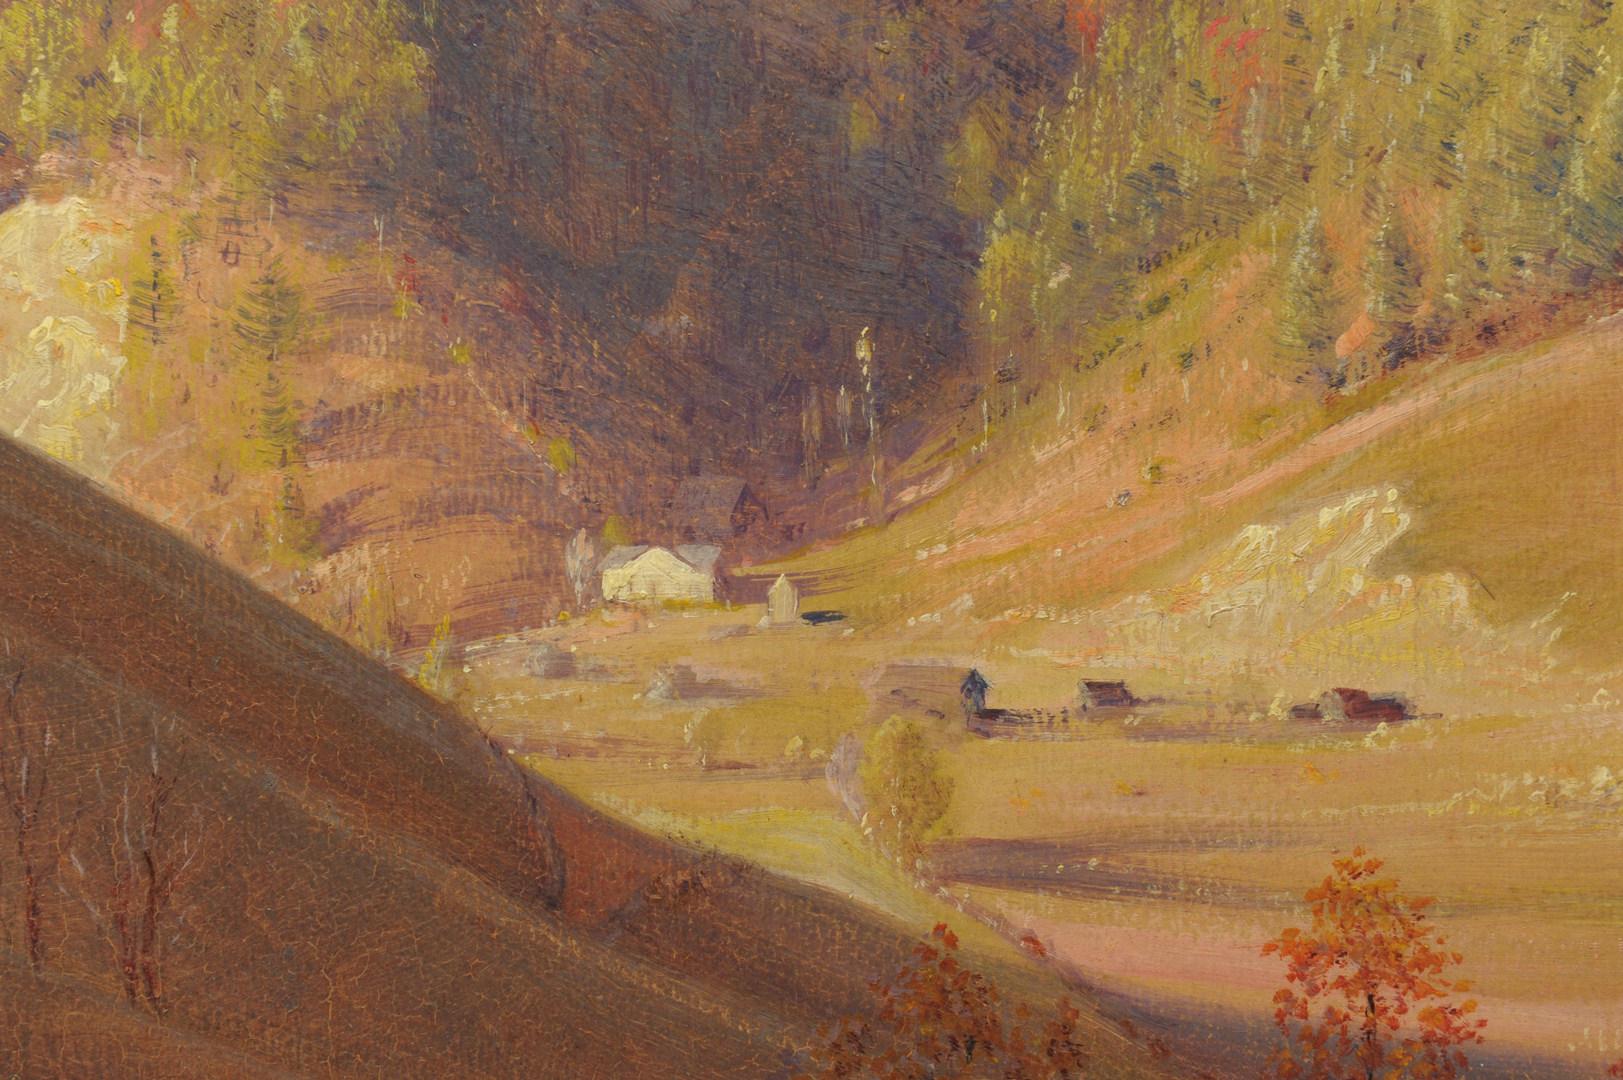 Lot 165: Lorentz Kleiser o/b, November in the TN Mountains